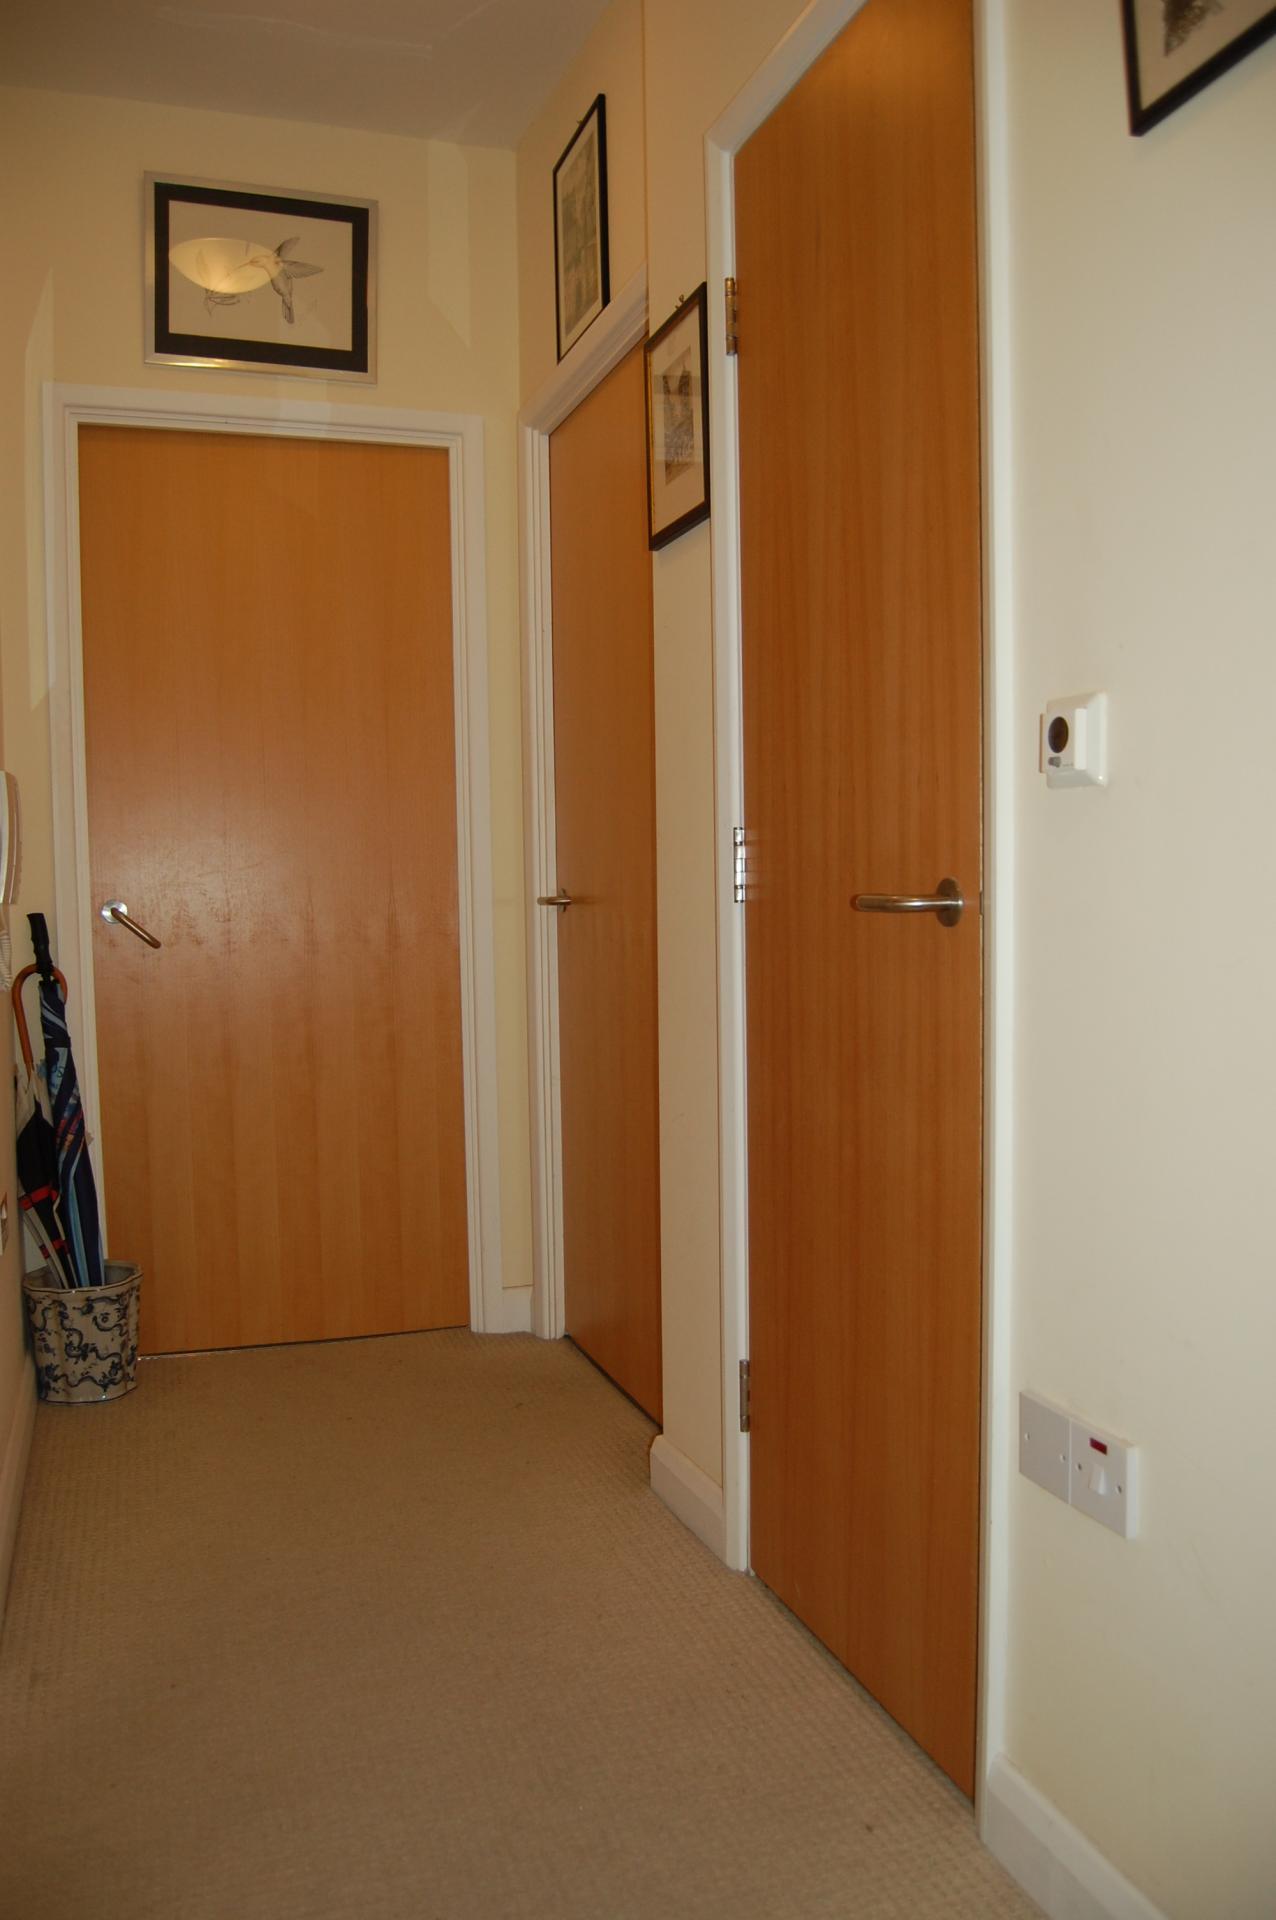 1 Bedroom Apartment For Sale In Woodbridge